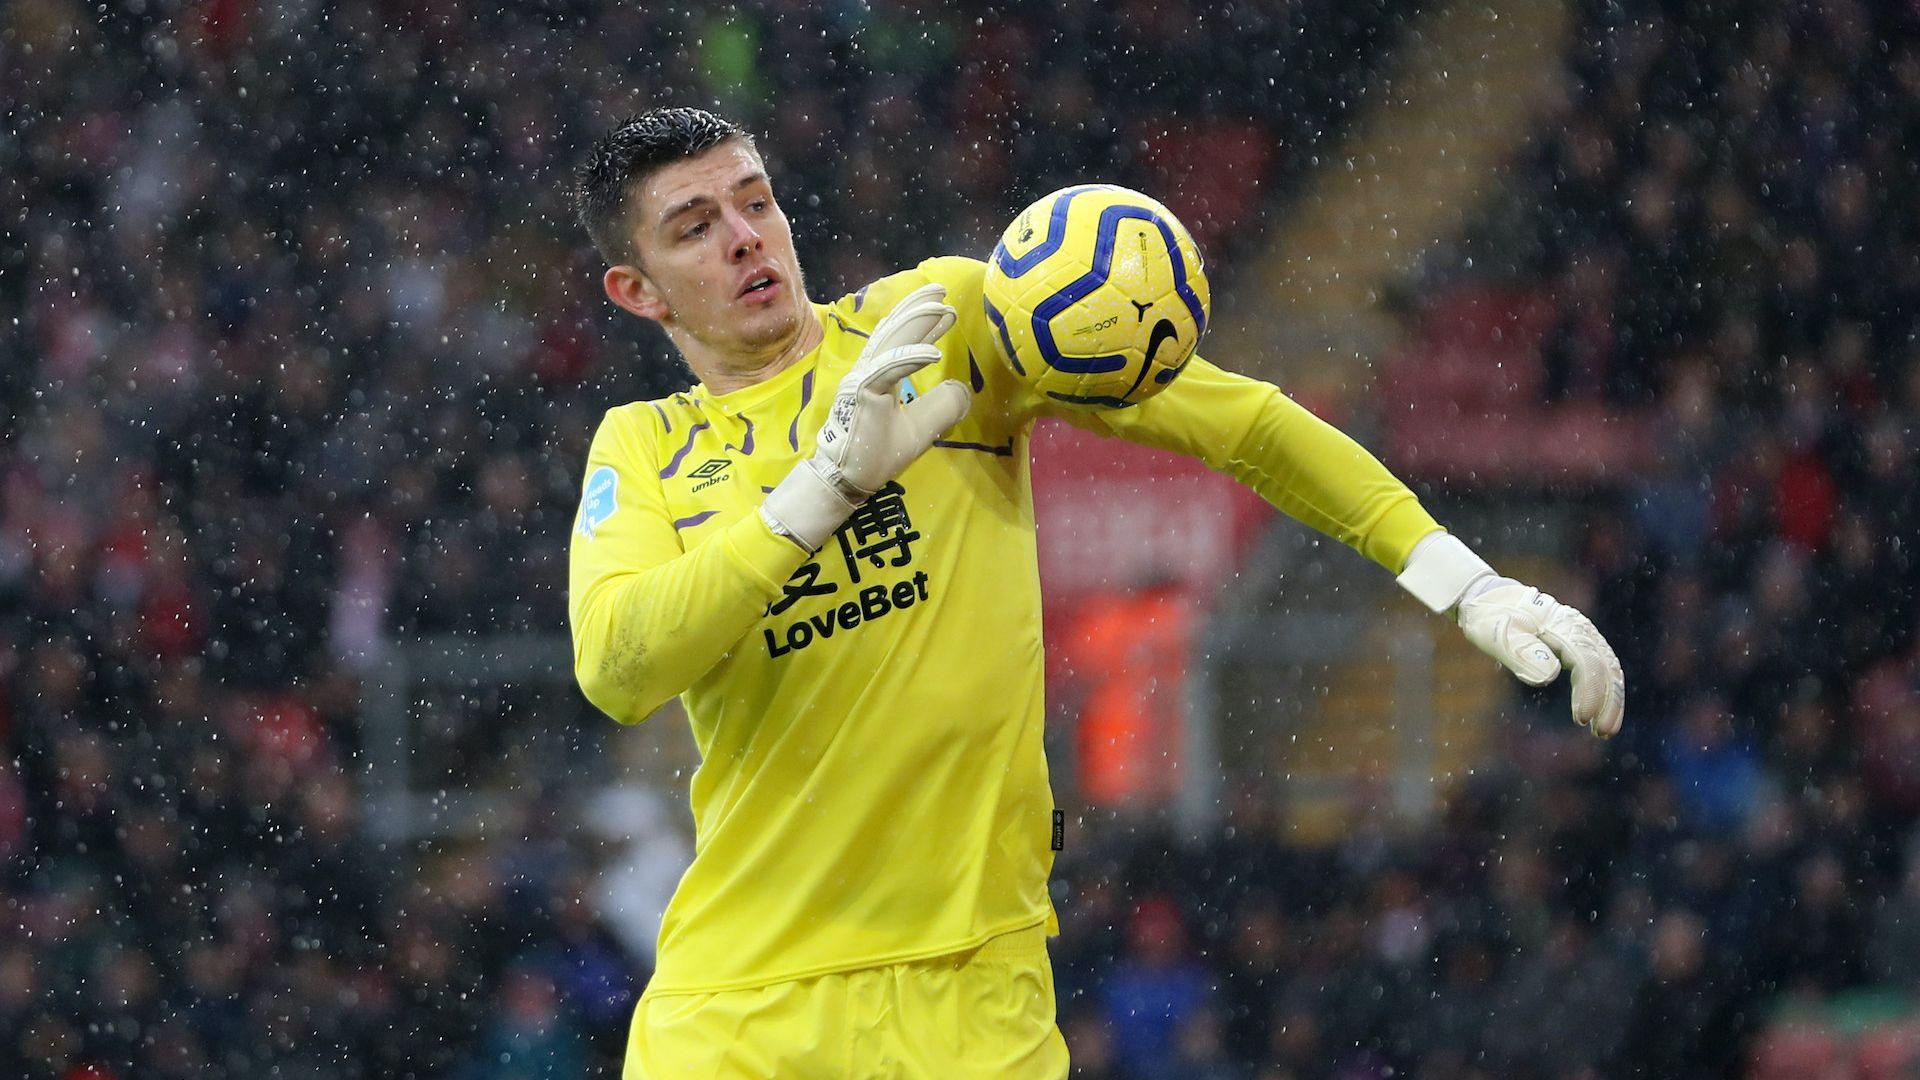 Най-добрият английски вратар е №1 в списъка на Челси